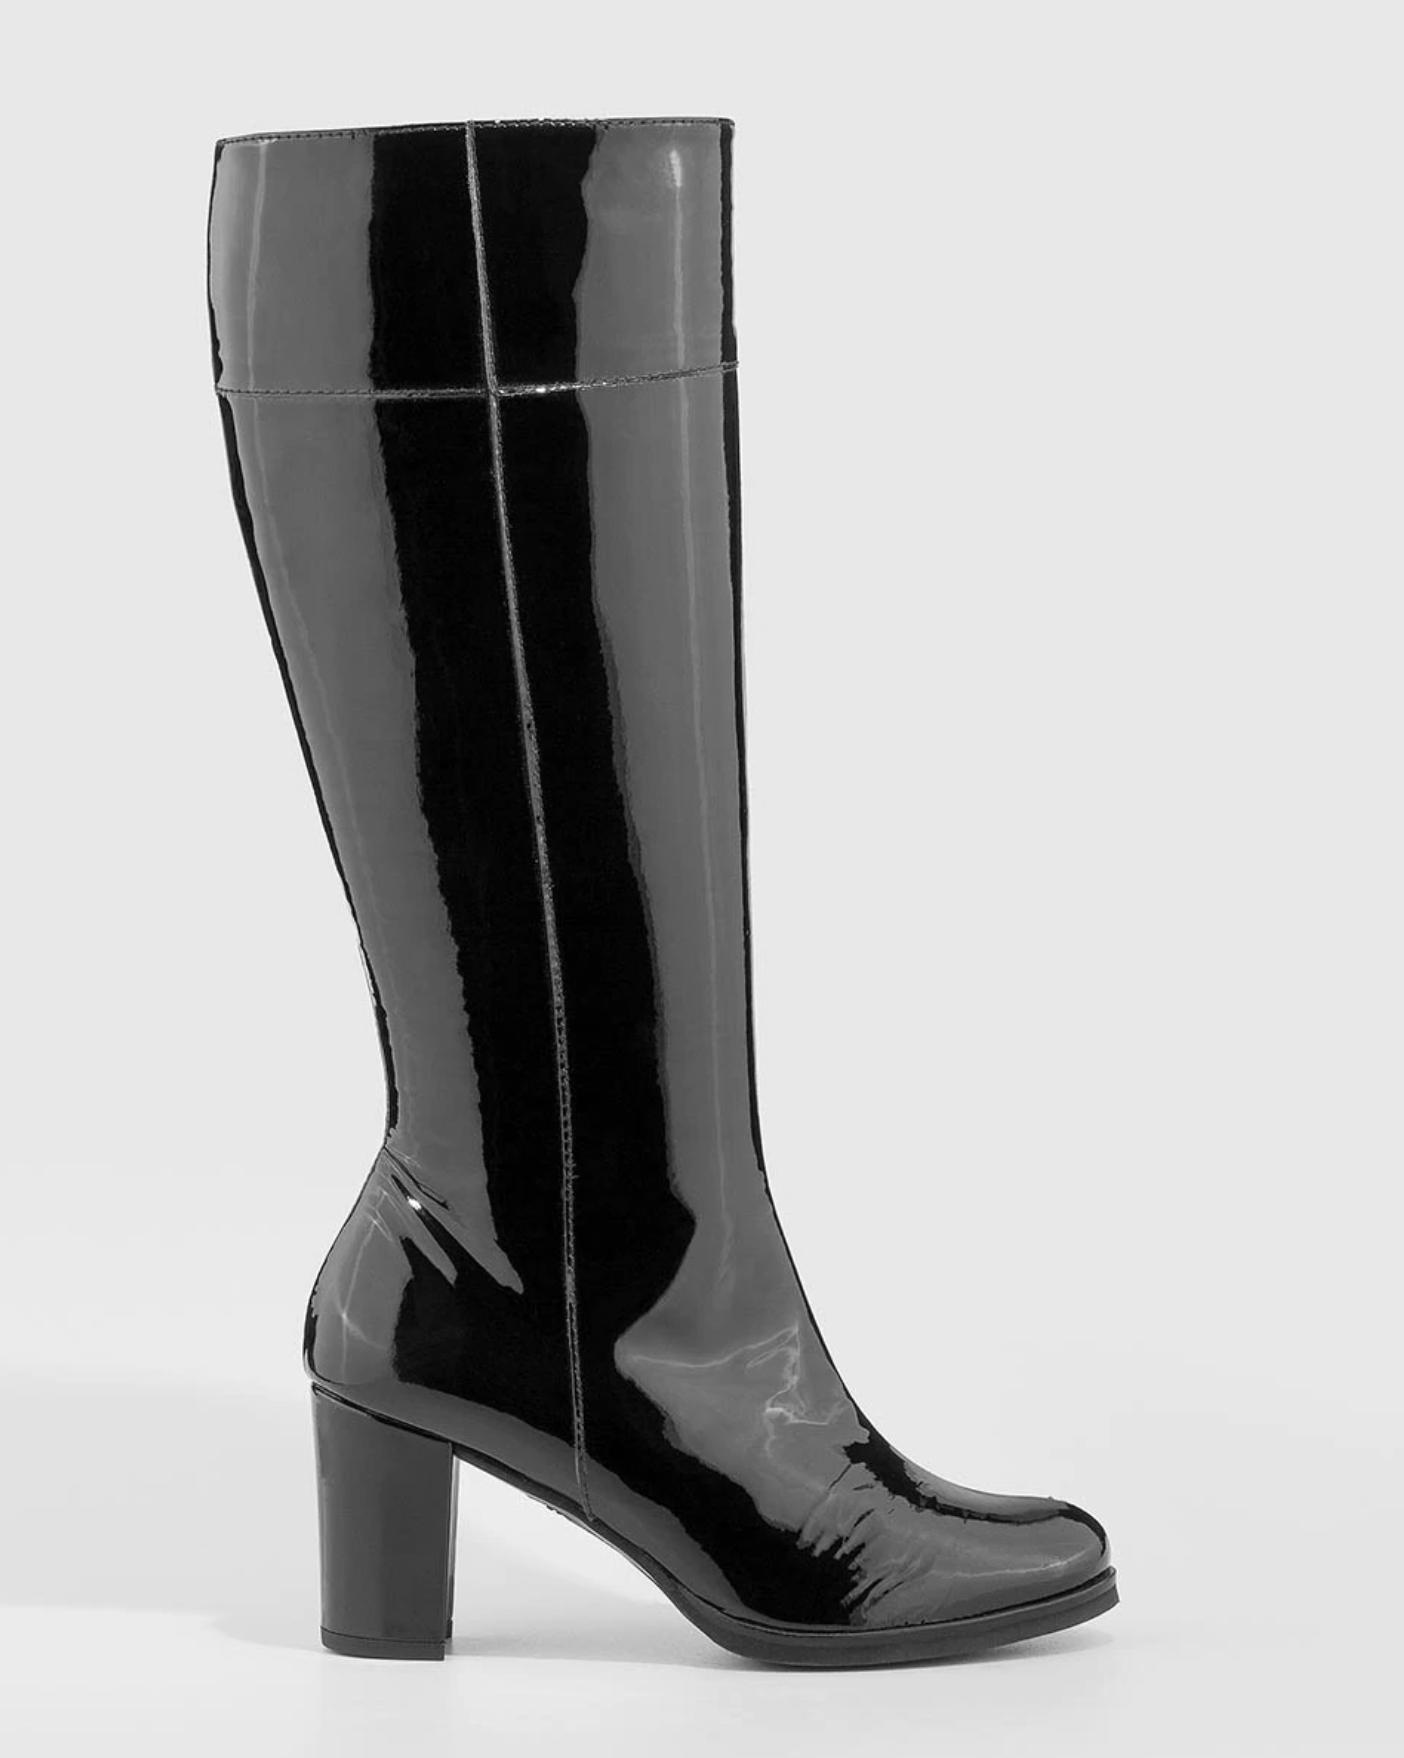 Botas de tacón de mujer Gadea en charol de color negro